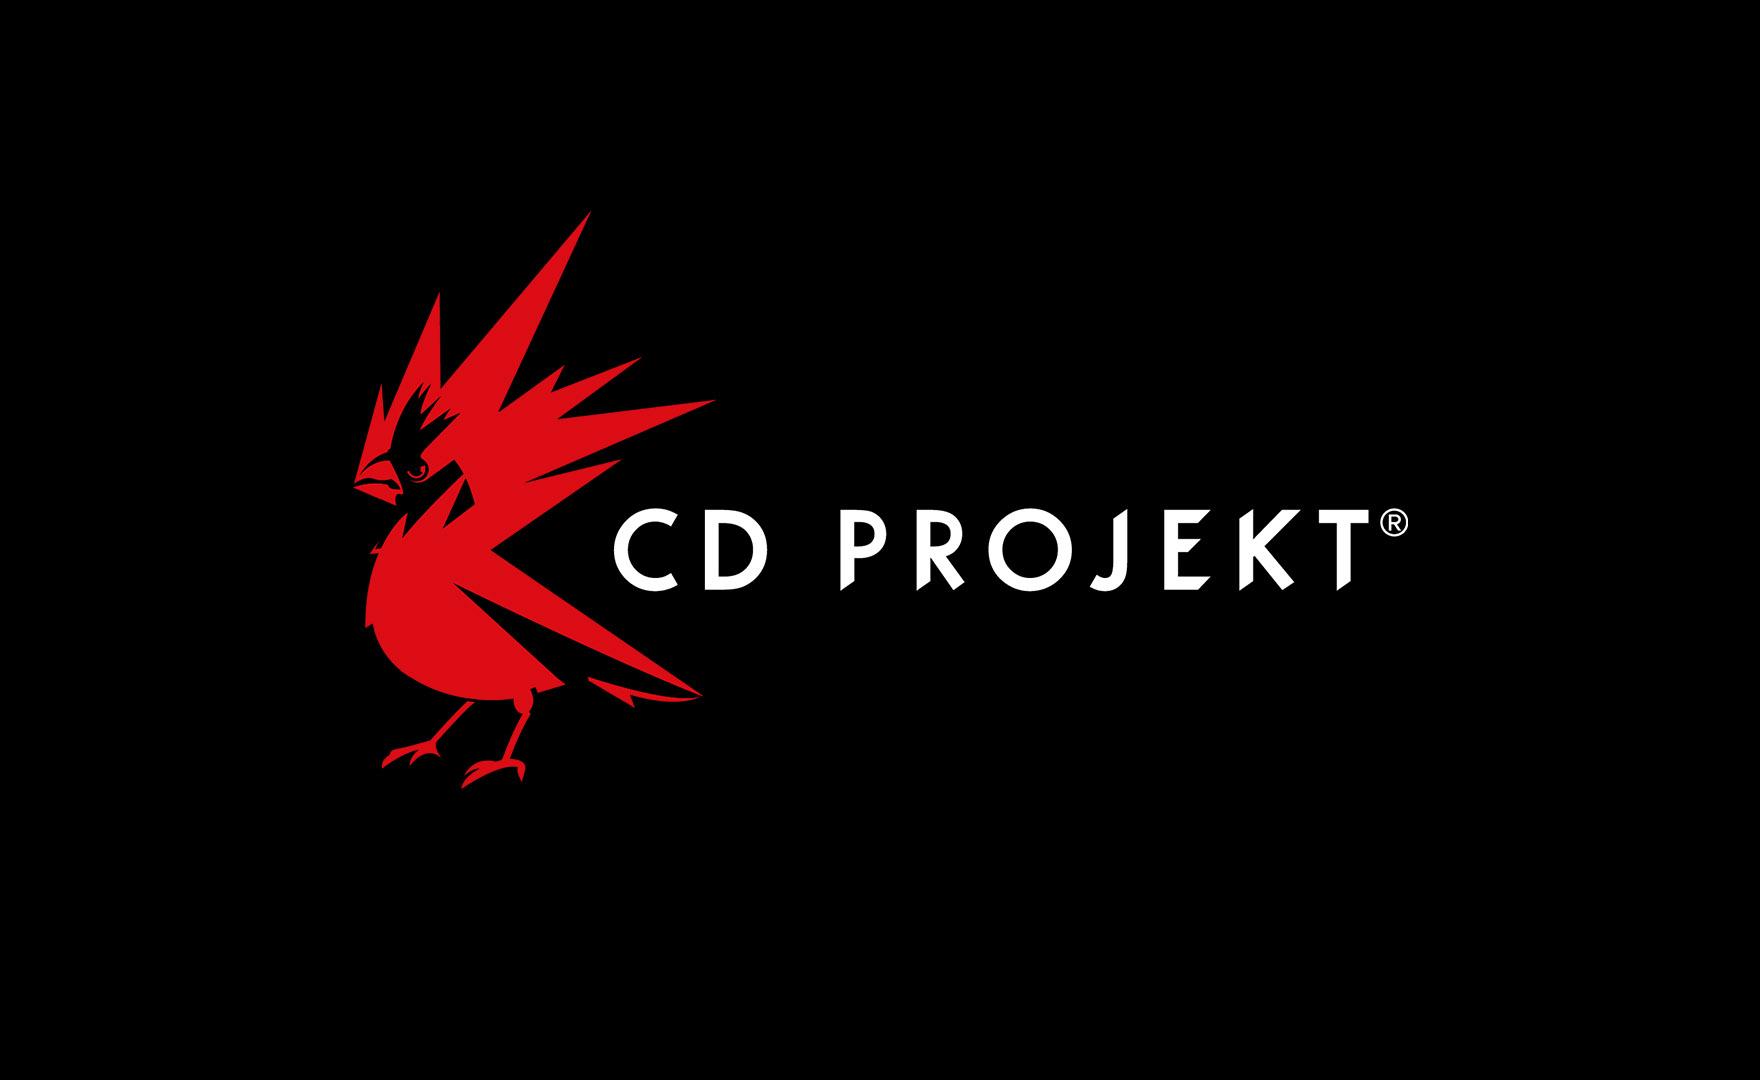 CD Projekt RED senza pace, ricattata dopo un attacco informatico